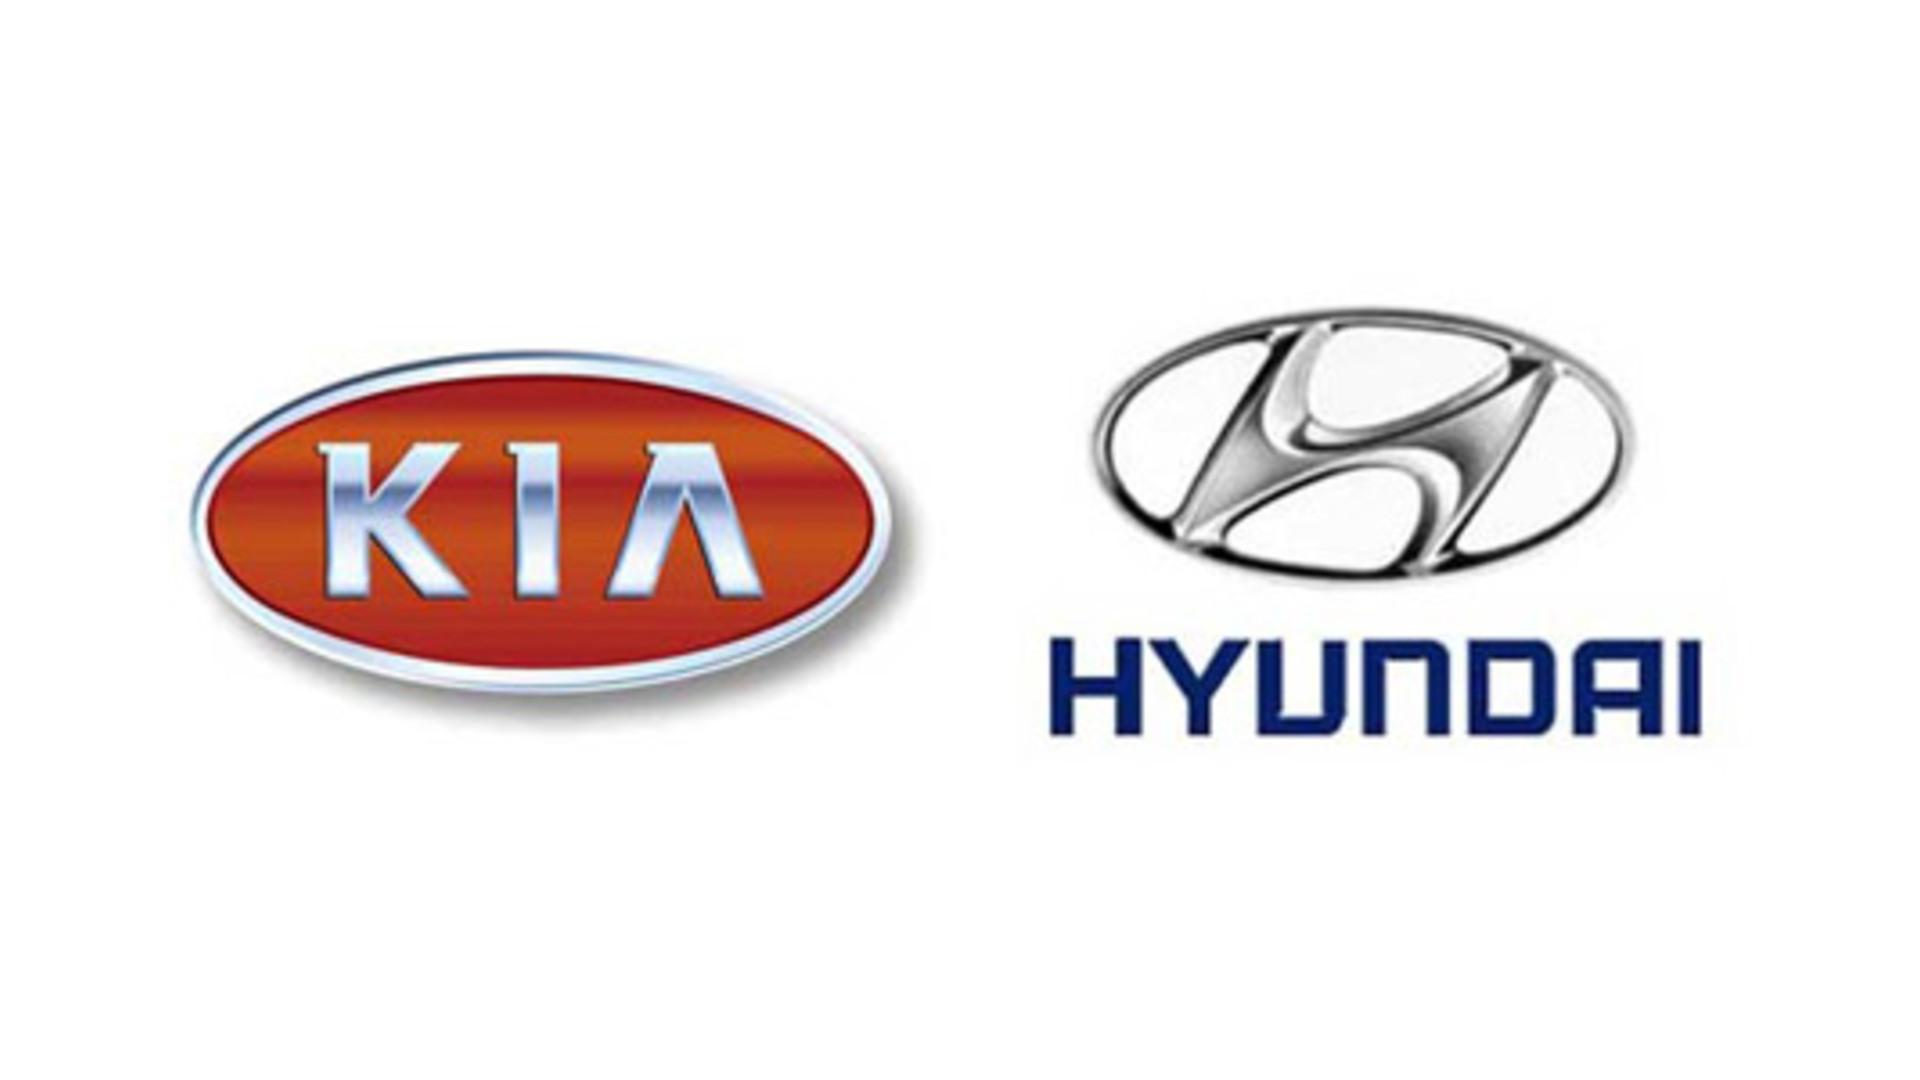 Заглушка Бампера Hyundai KIA 86593D4500